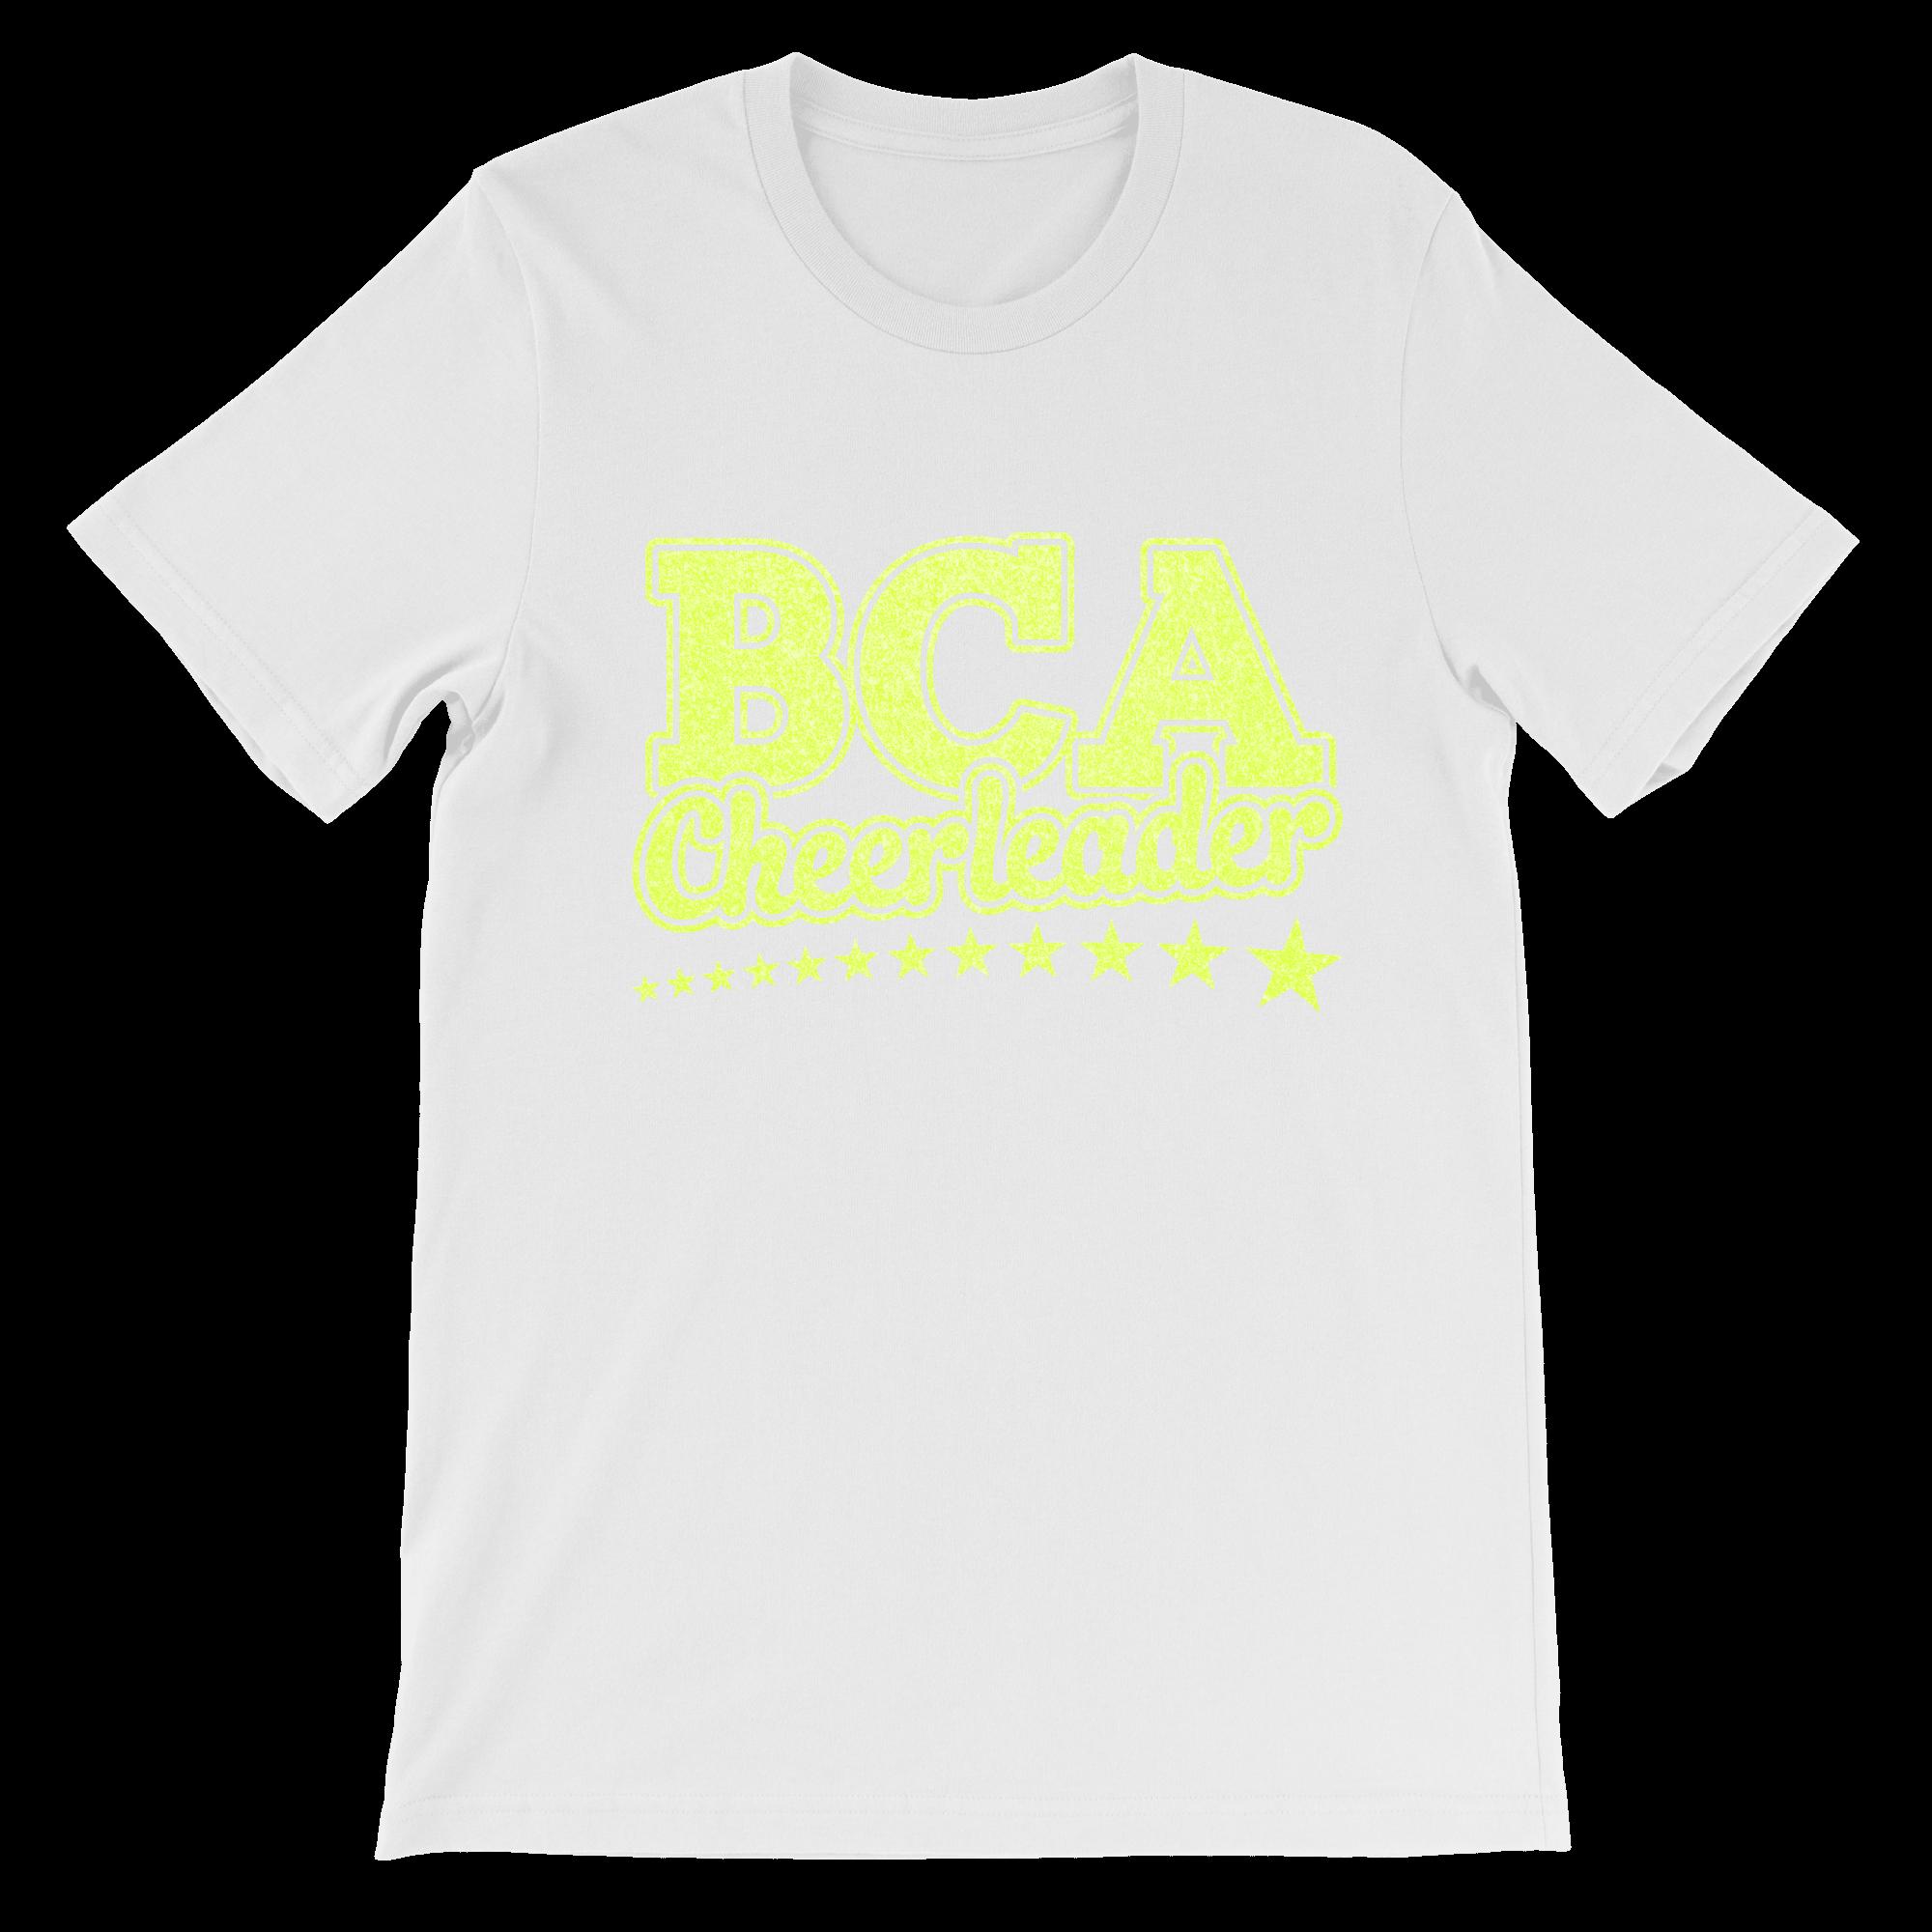 BCASCV001-15